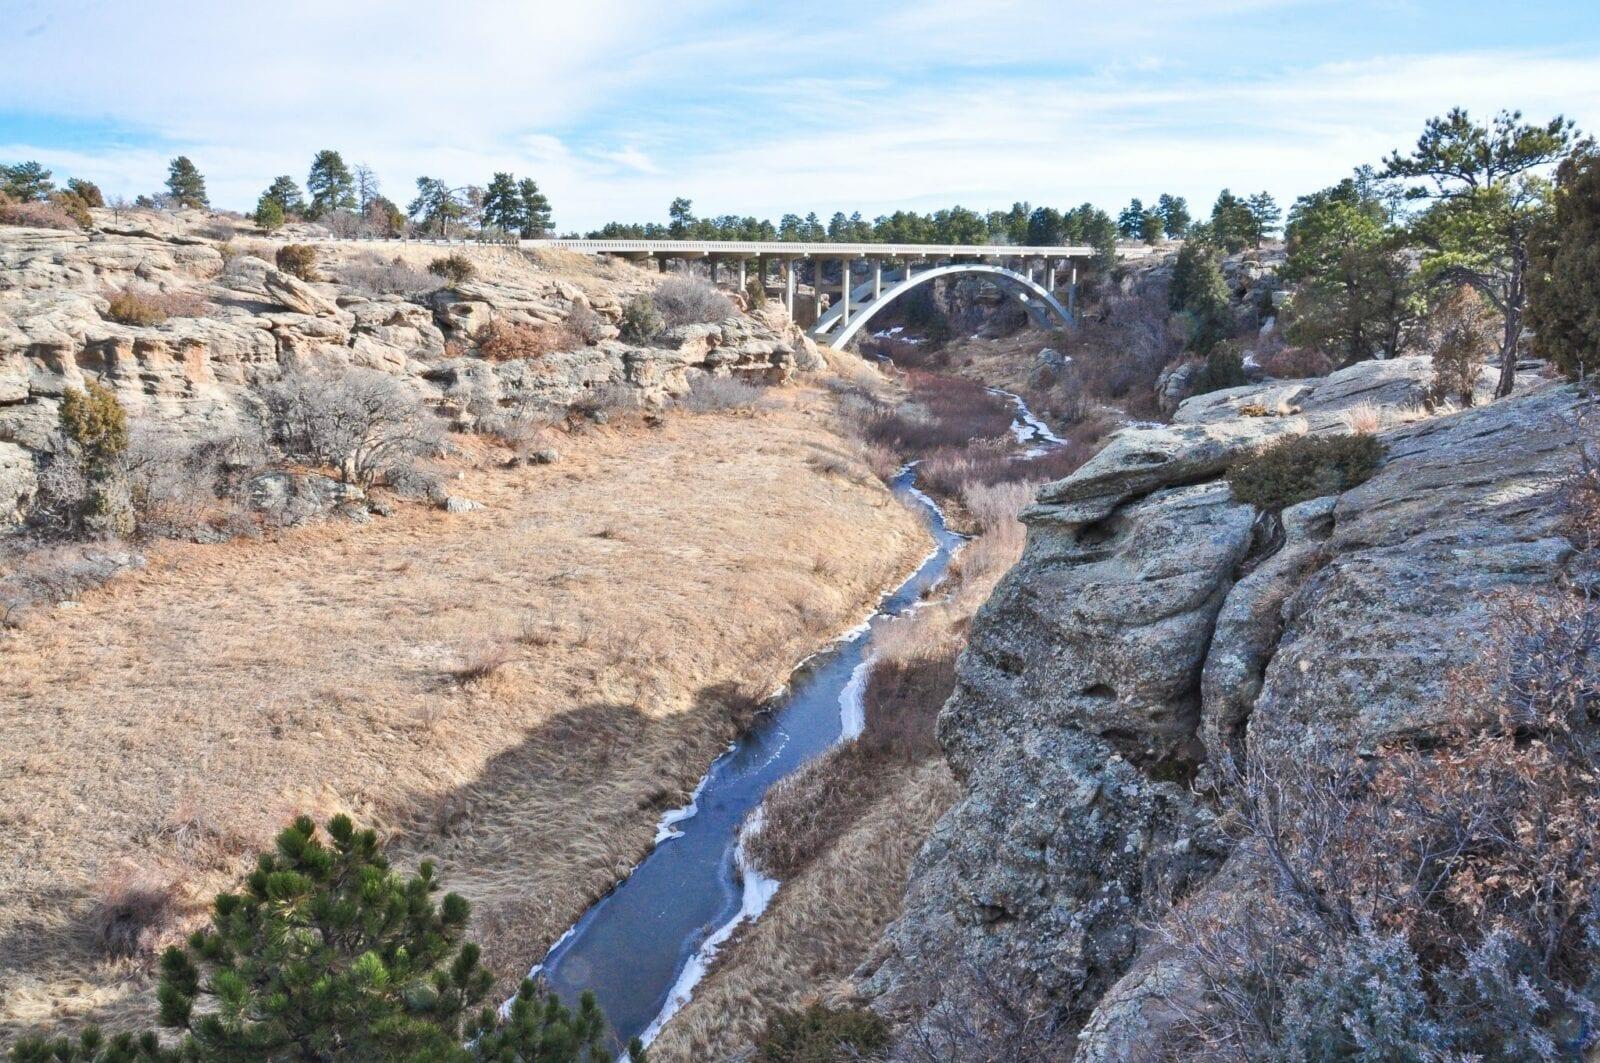 Bridge over Cherry Creek